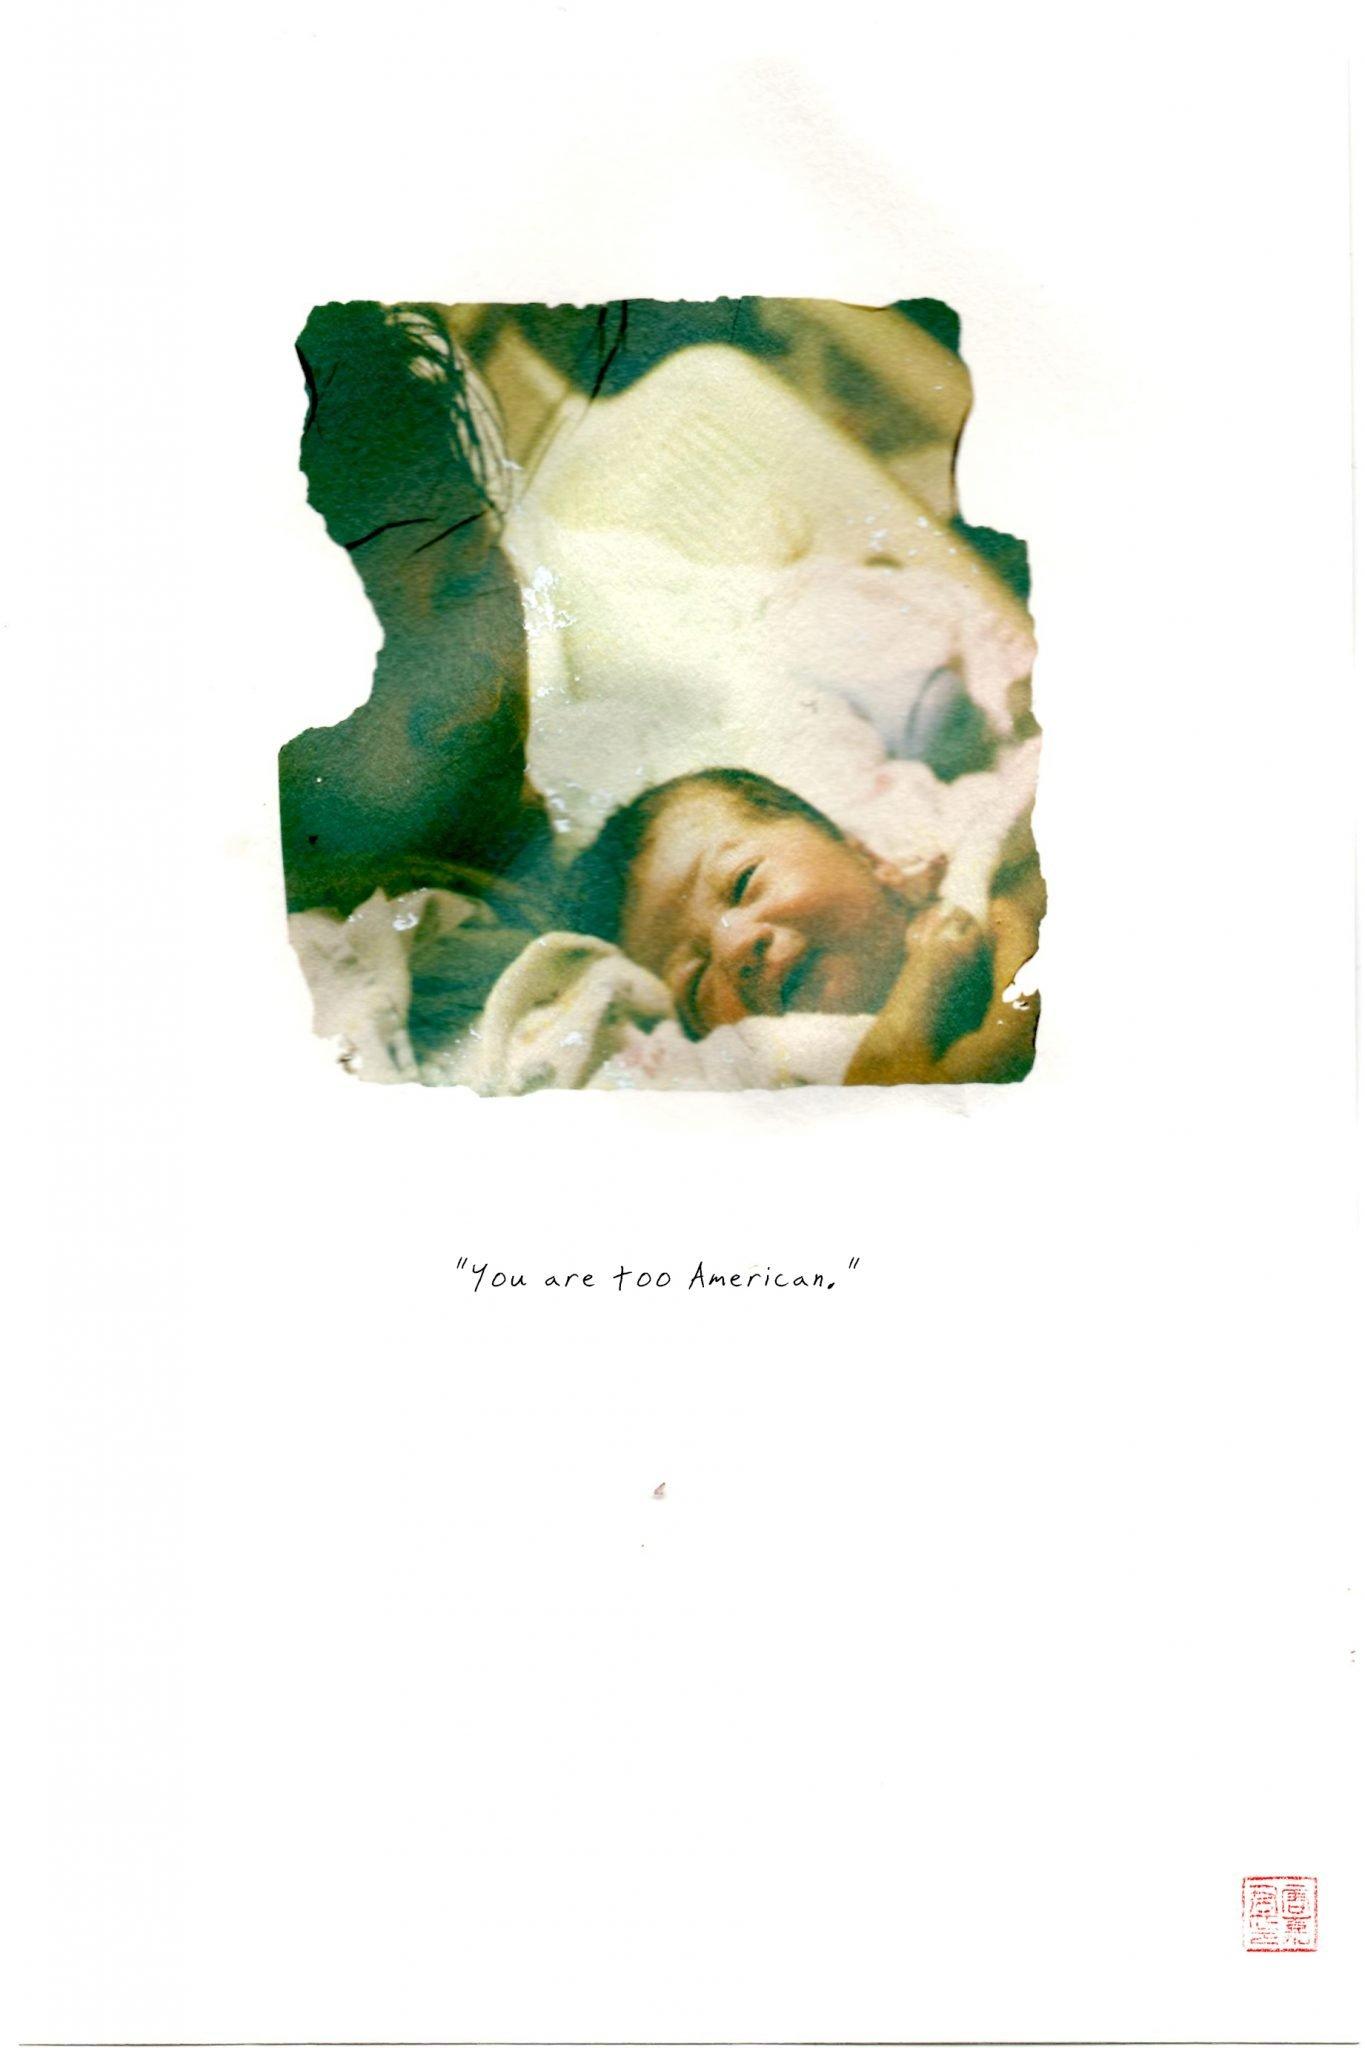 photo of mom and newborn